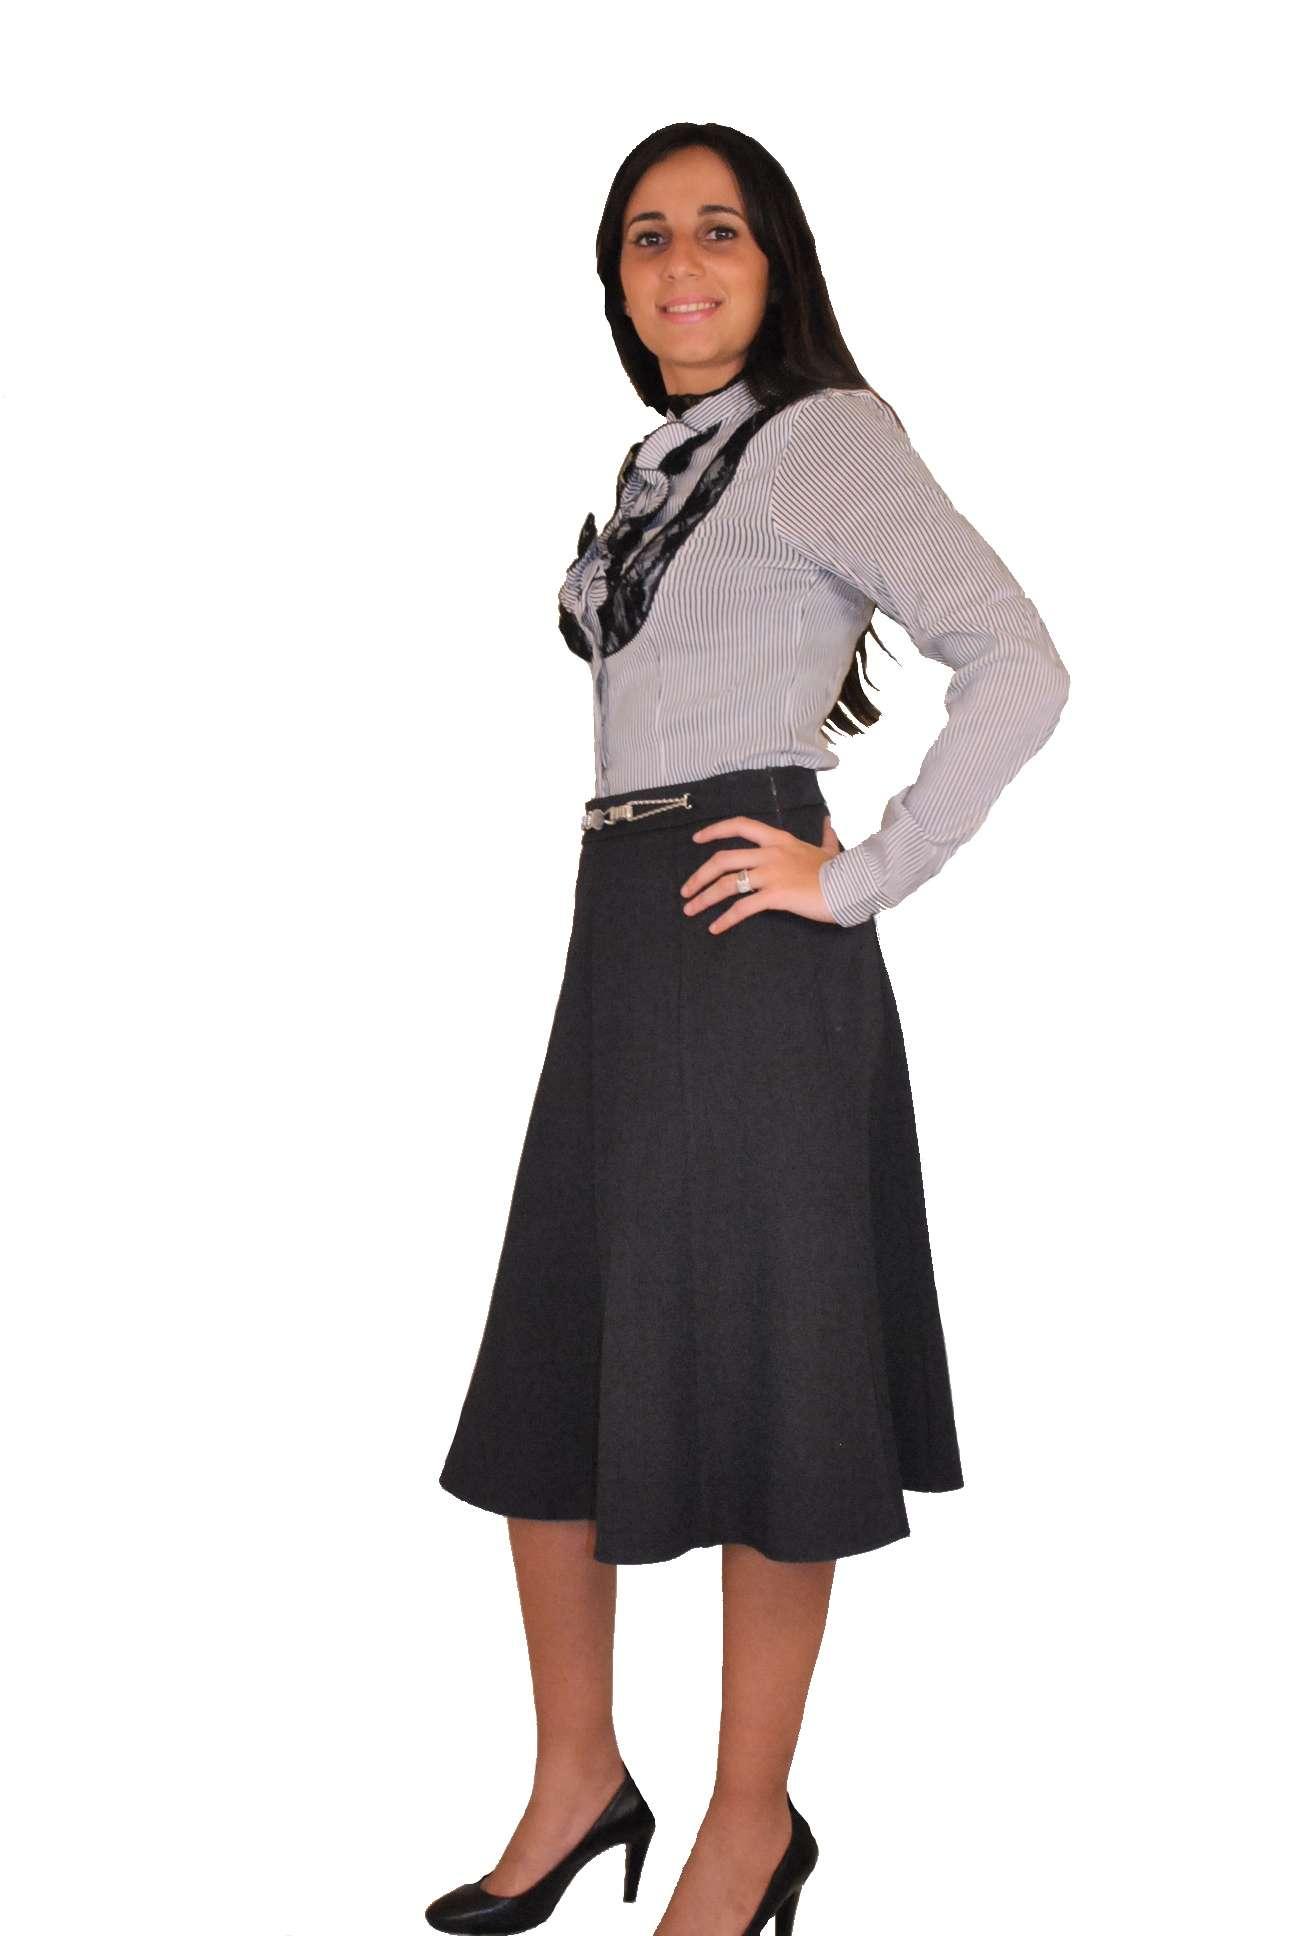 tsniout market vetements tsniout pour femme jeune fille manteaux robes tsniout froom filles. Black Bedroom Furniture Sets. Home Design Ideas